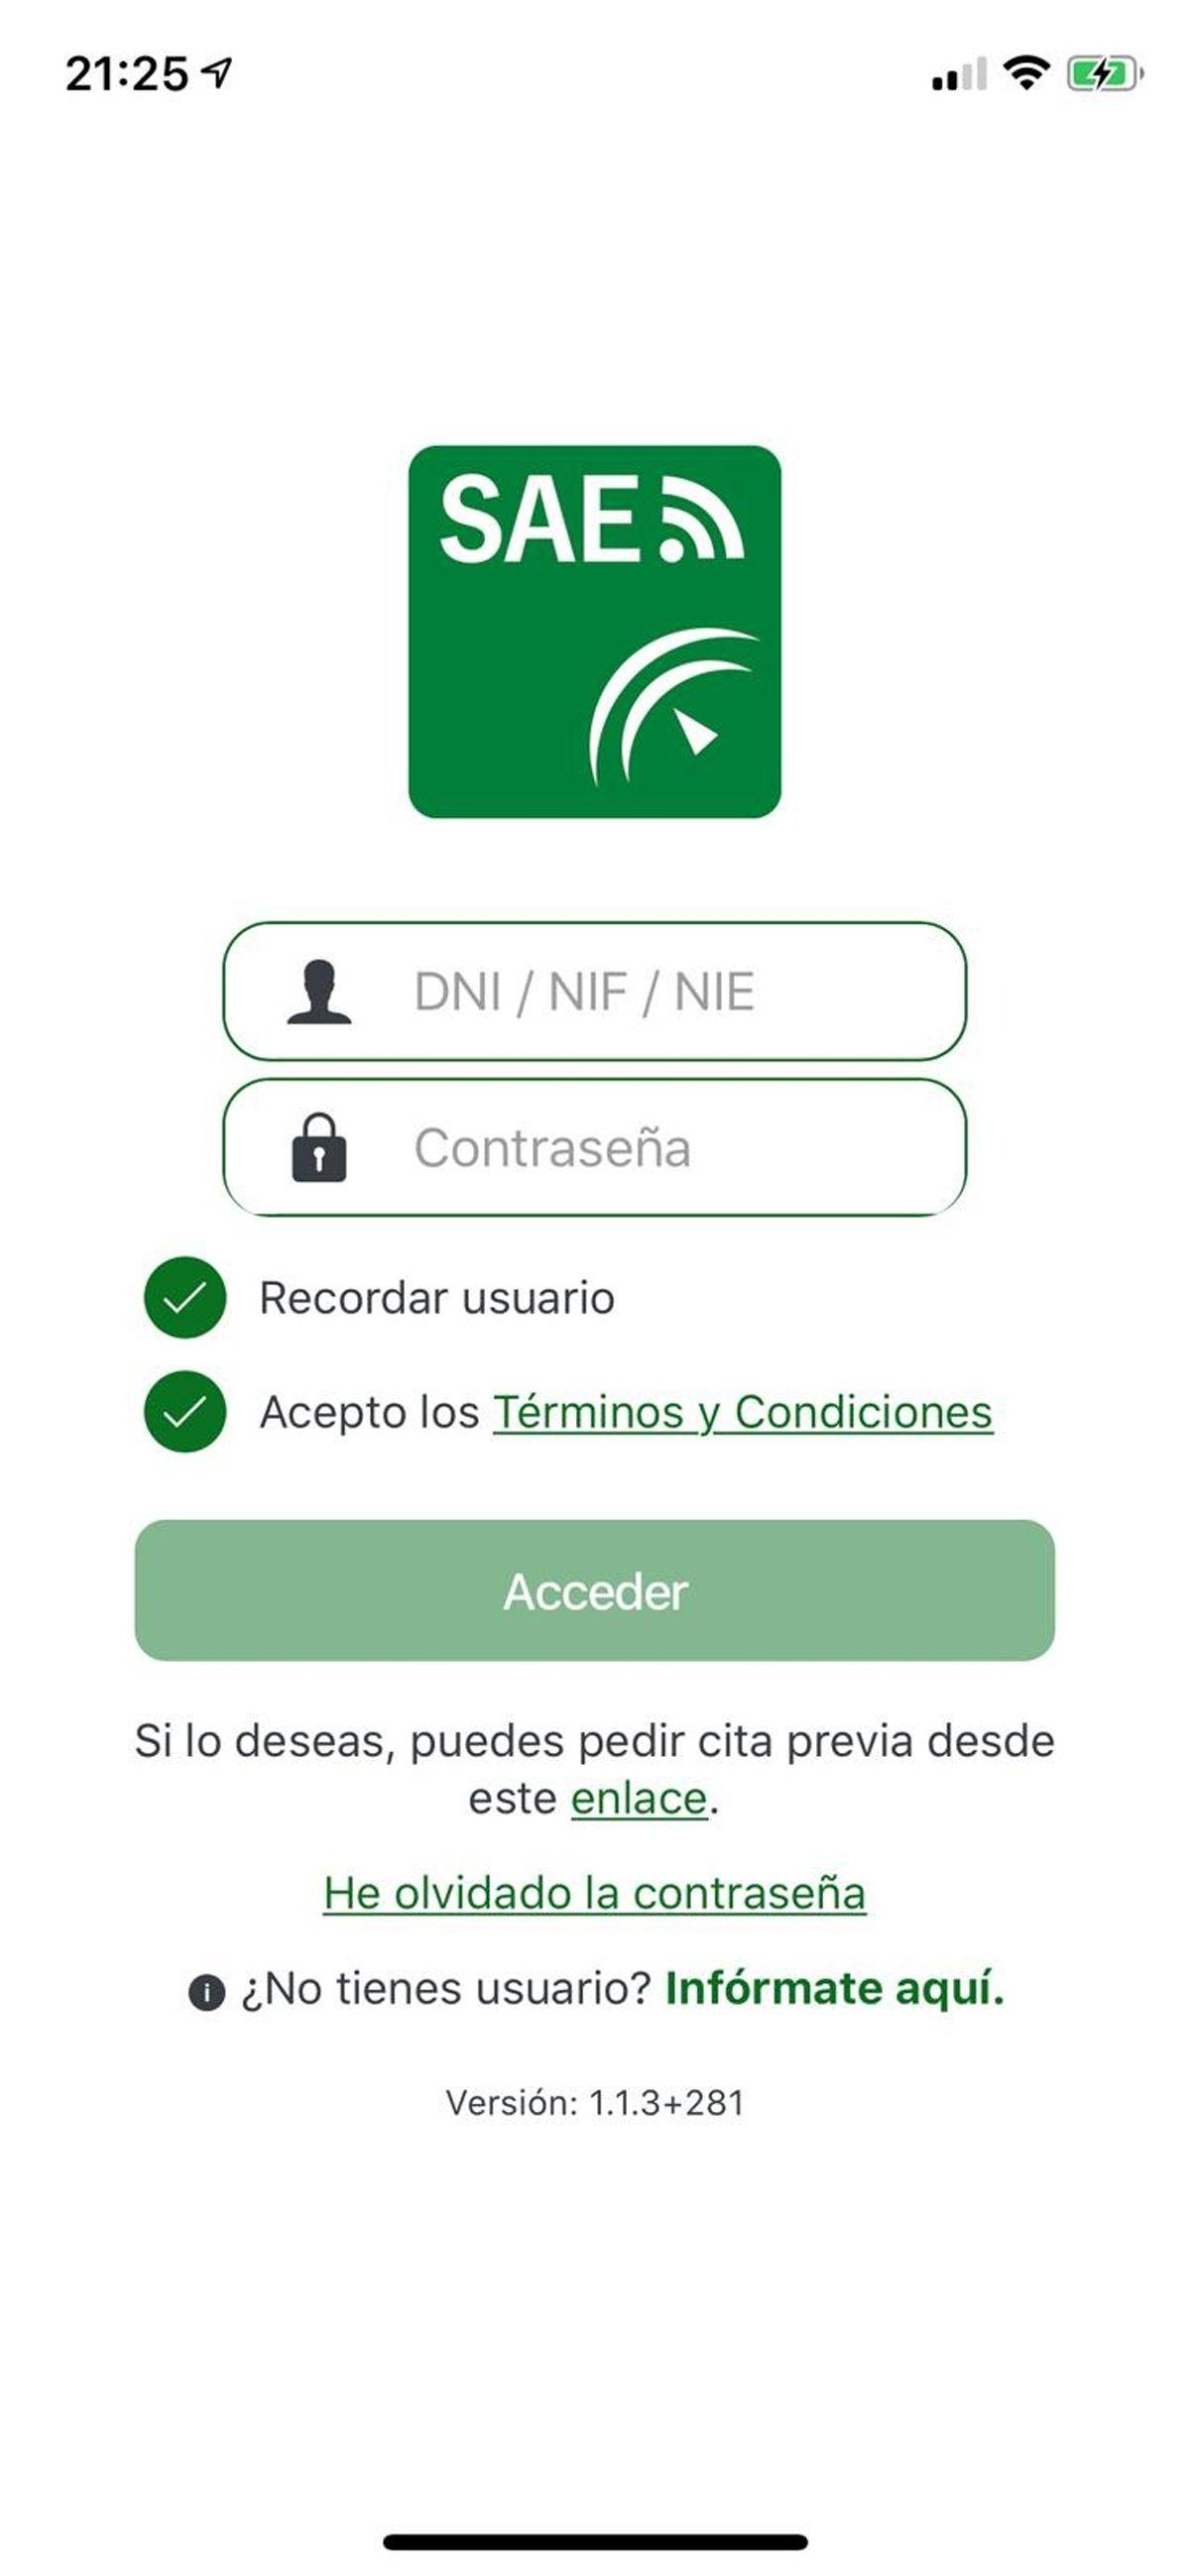 pagina principal de la app del SAE